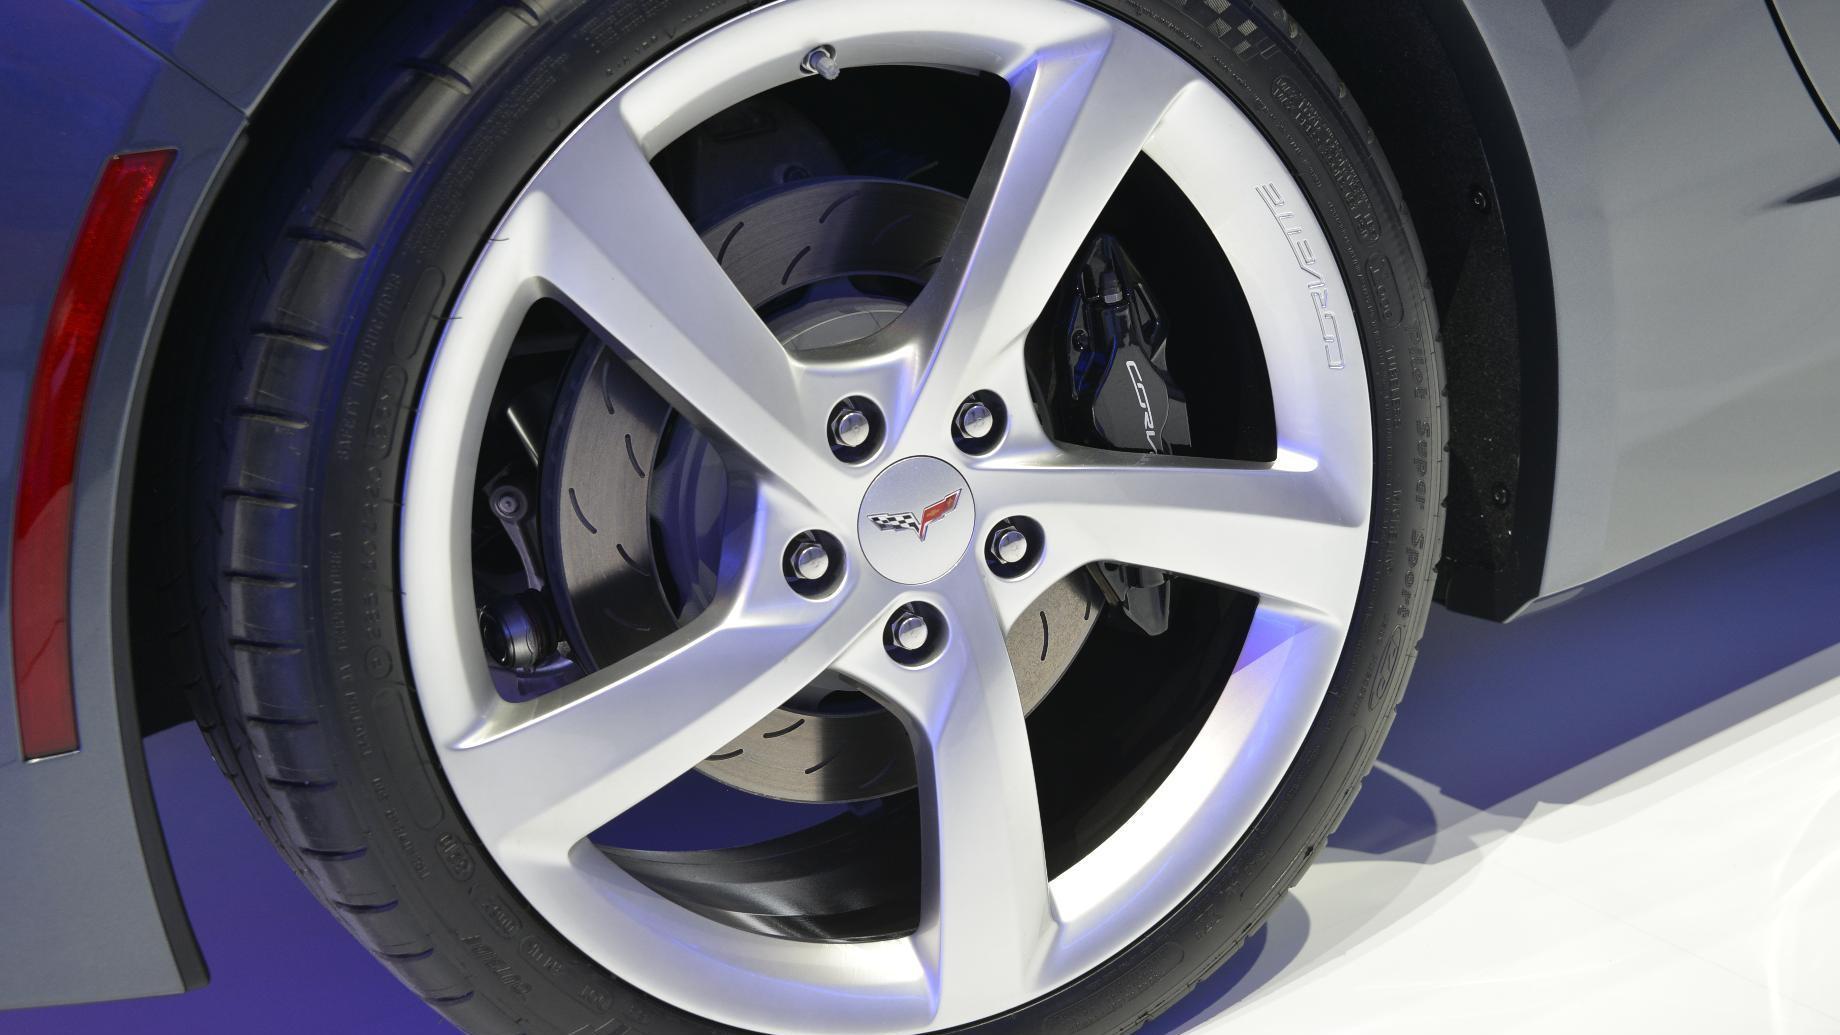 2014 Chevrolet Corvette Stingray Convertible, 2013 Geneva Motor Show